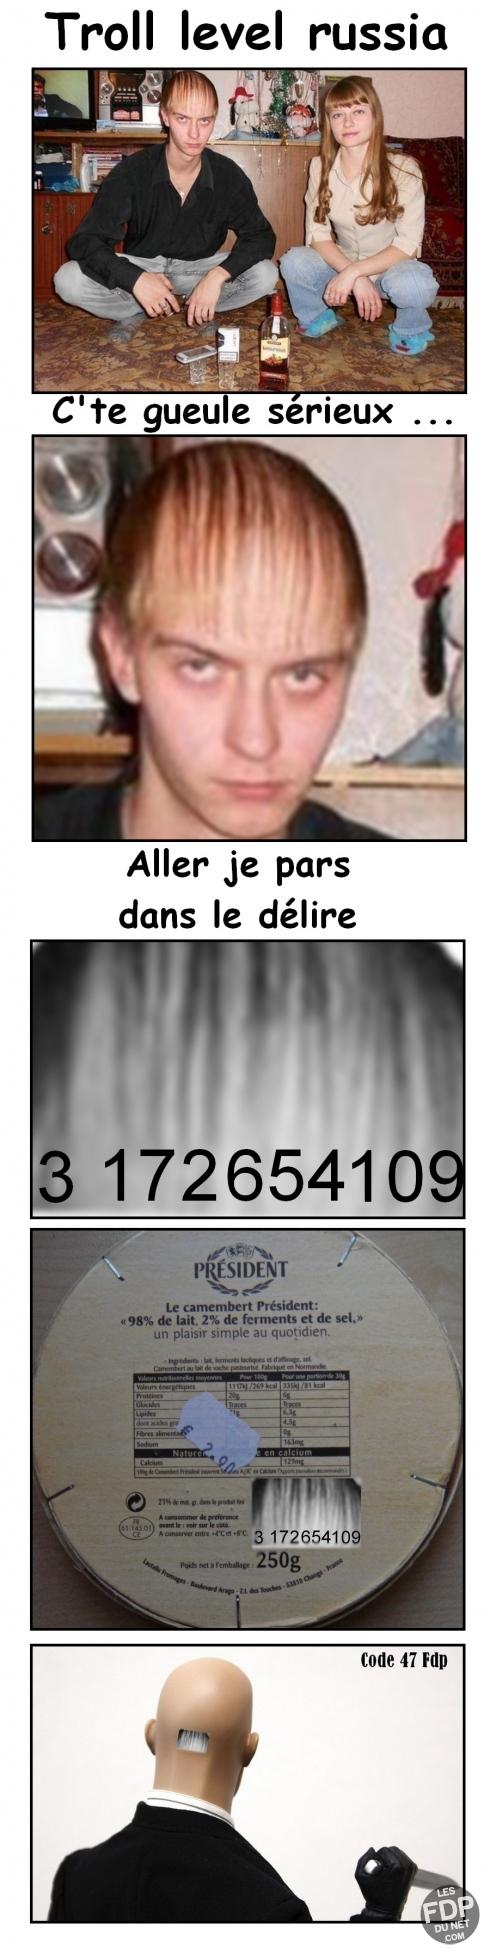 Tro drol (Avec un peu de chance l'Académie française va accepter mon orthographe) - meme